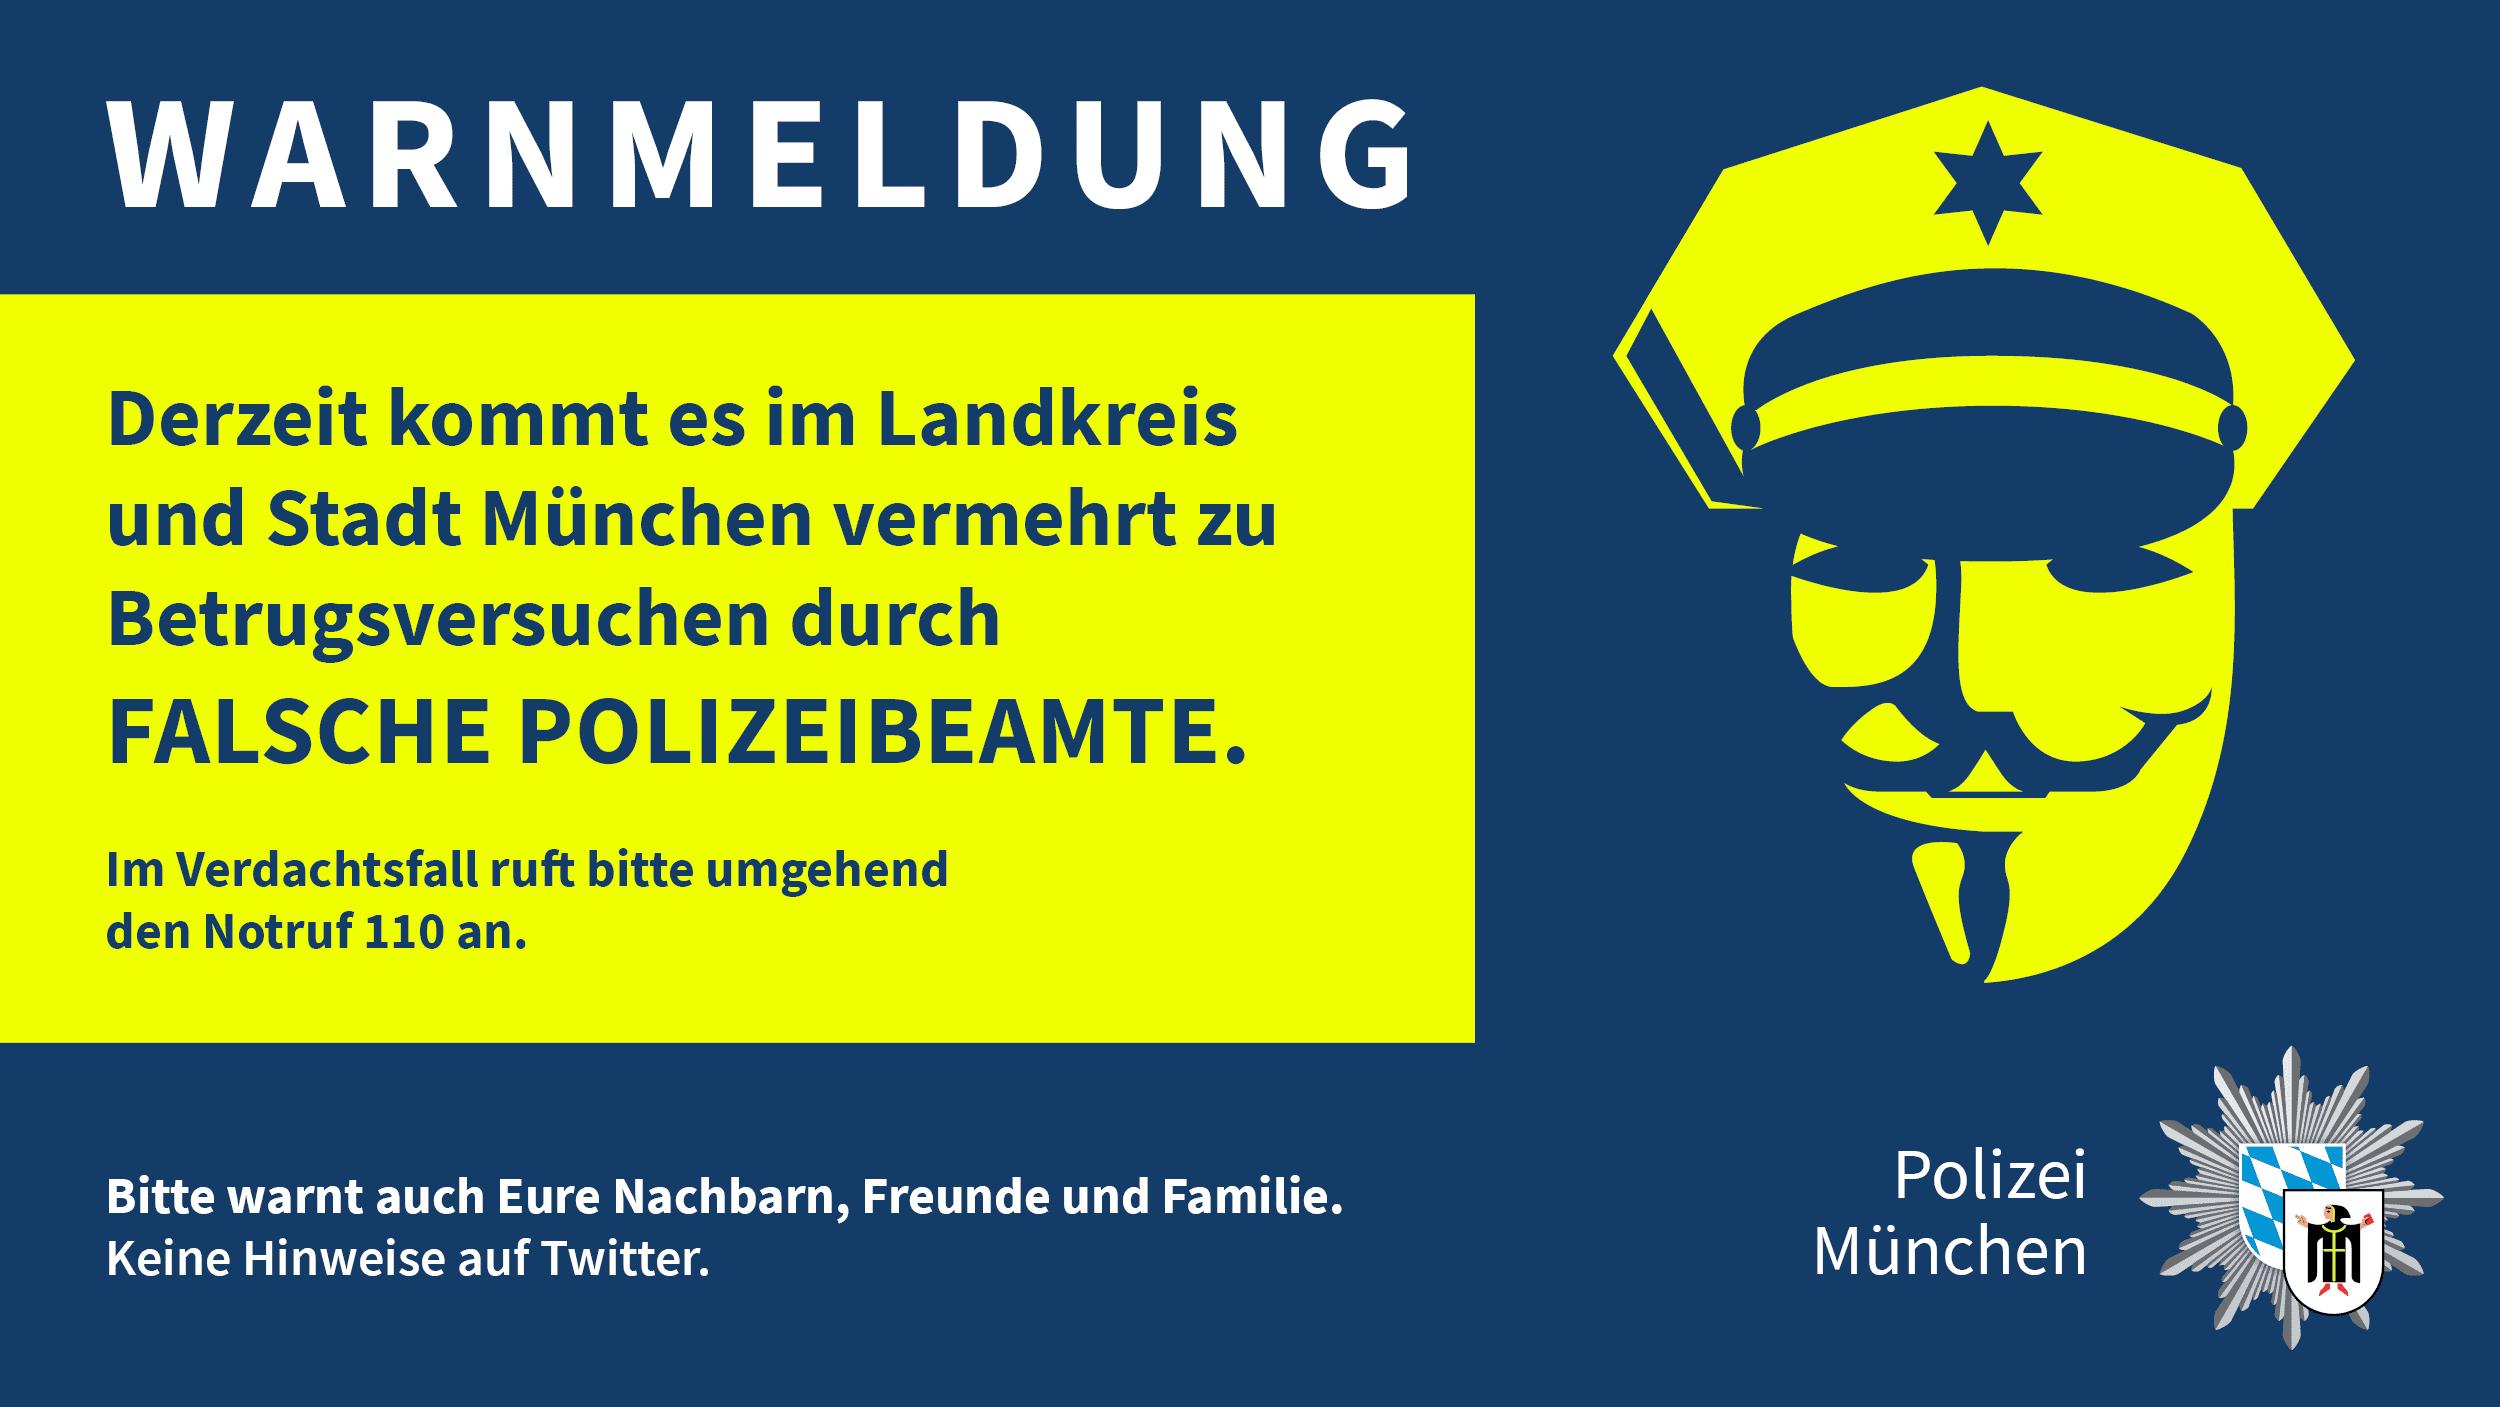 Warnung vor falschen Polizeibeamten